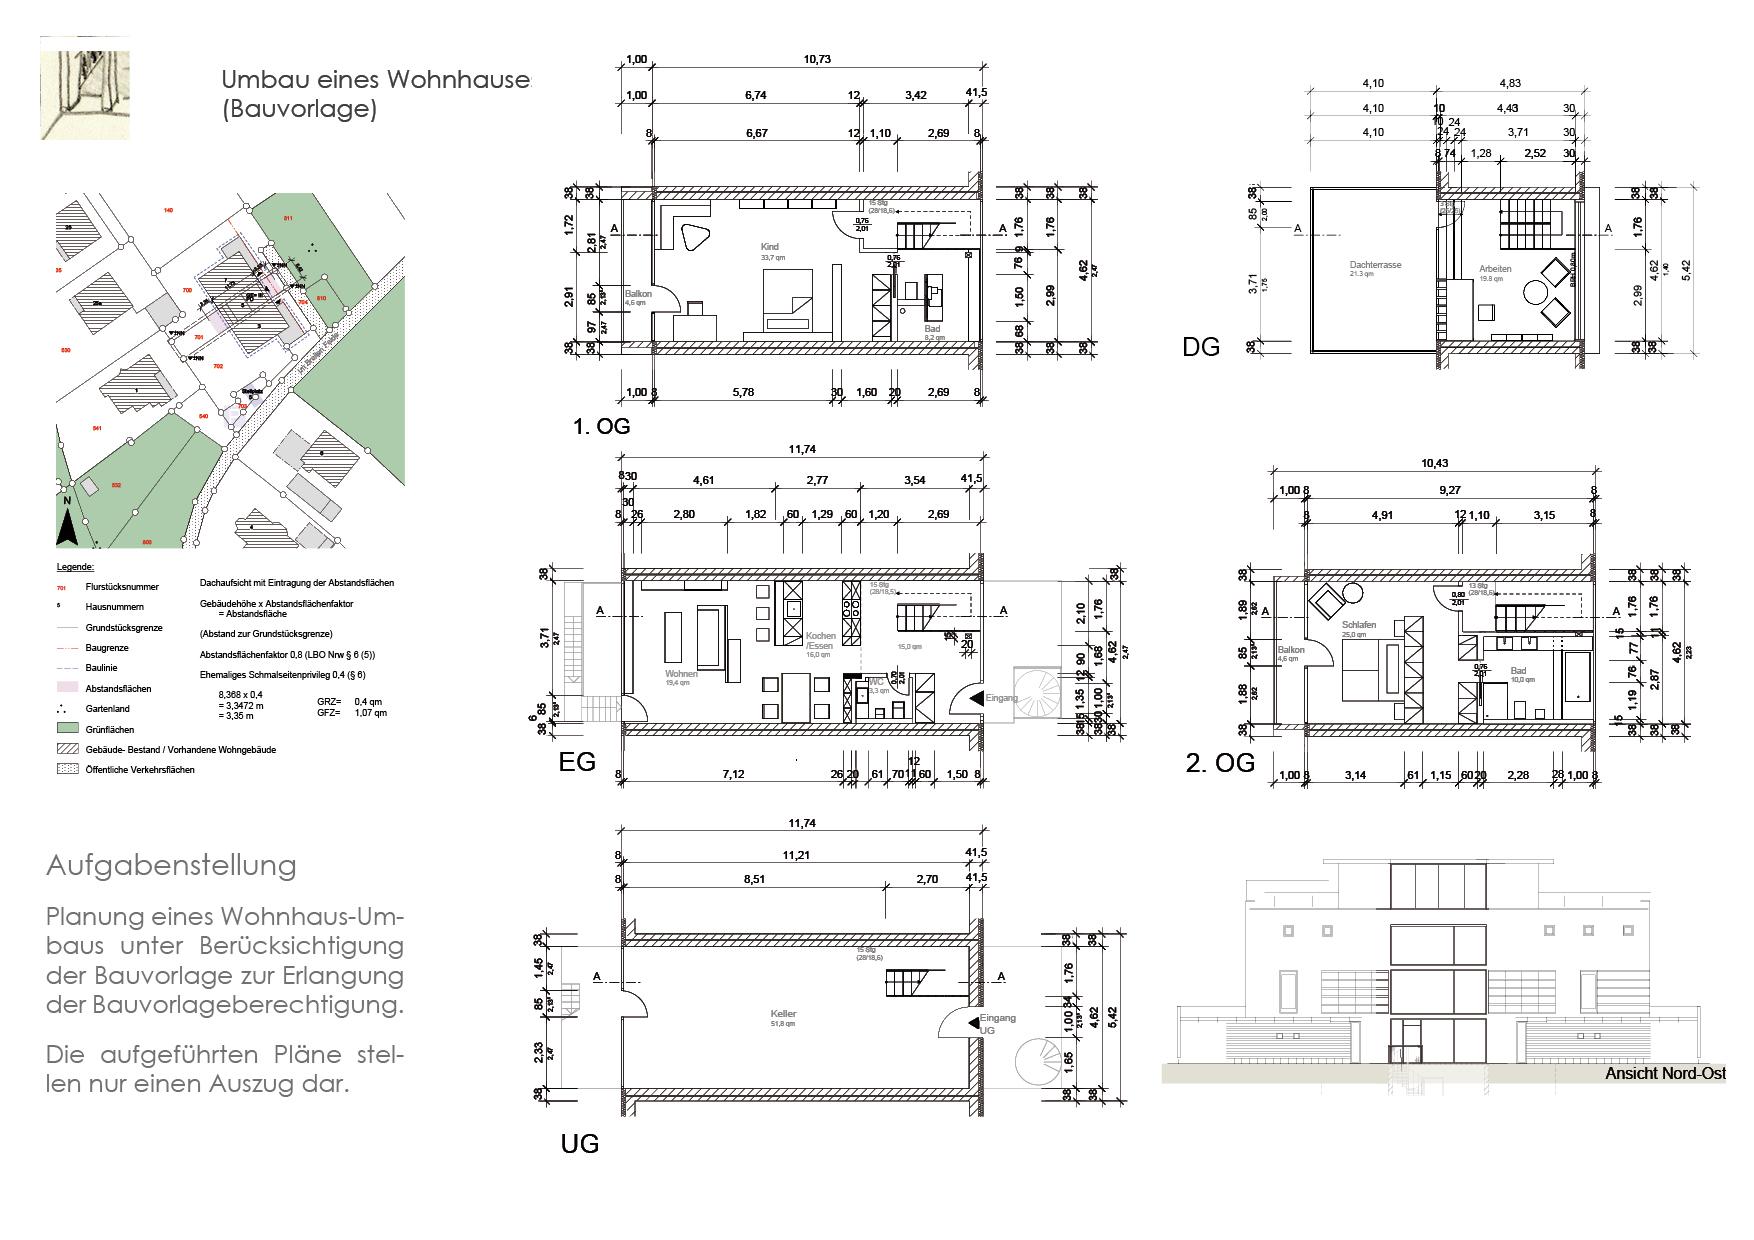 Großartig Freier Bau Bid Vorlage Galerie - Bilder für das Lebenslauf ...